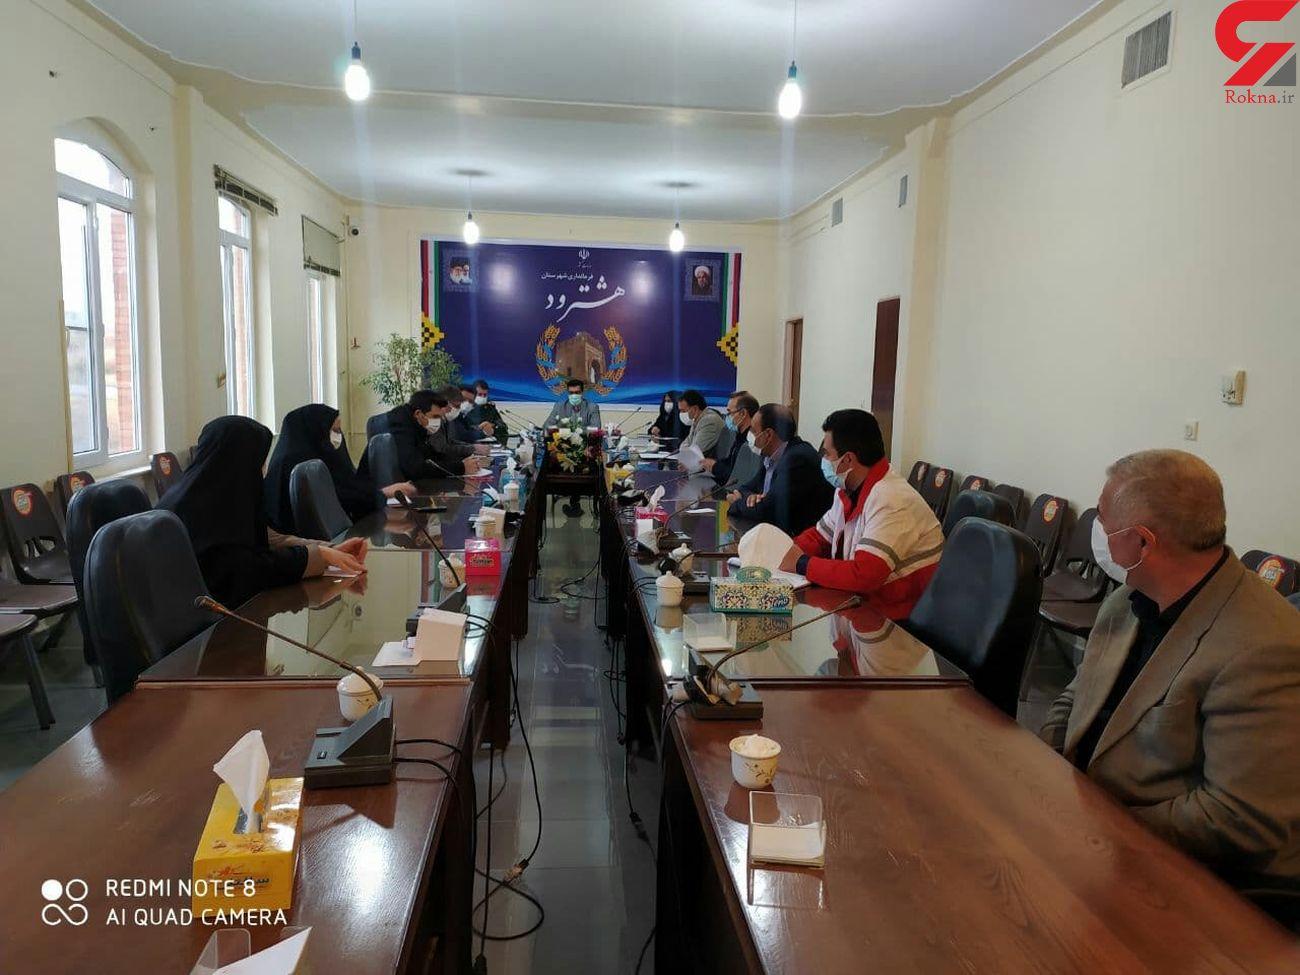 برگزاری جلسه تشریح محدودیت های کرونایی به ریاست معاون فرماندار هشترود